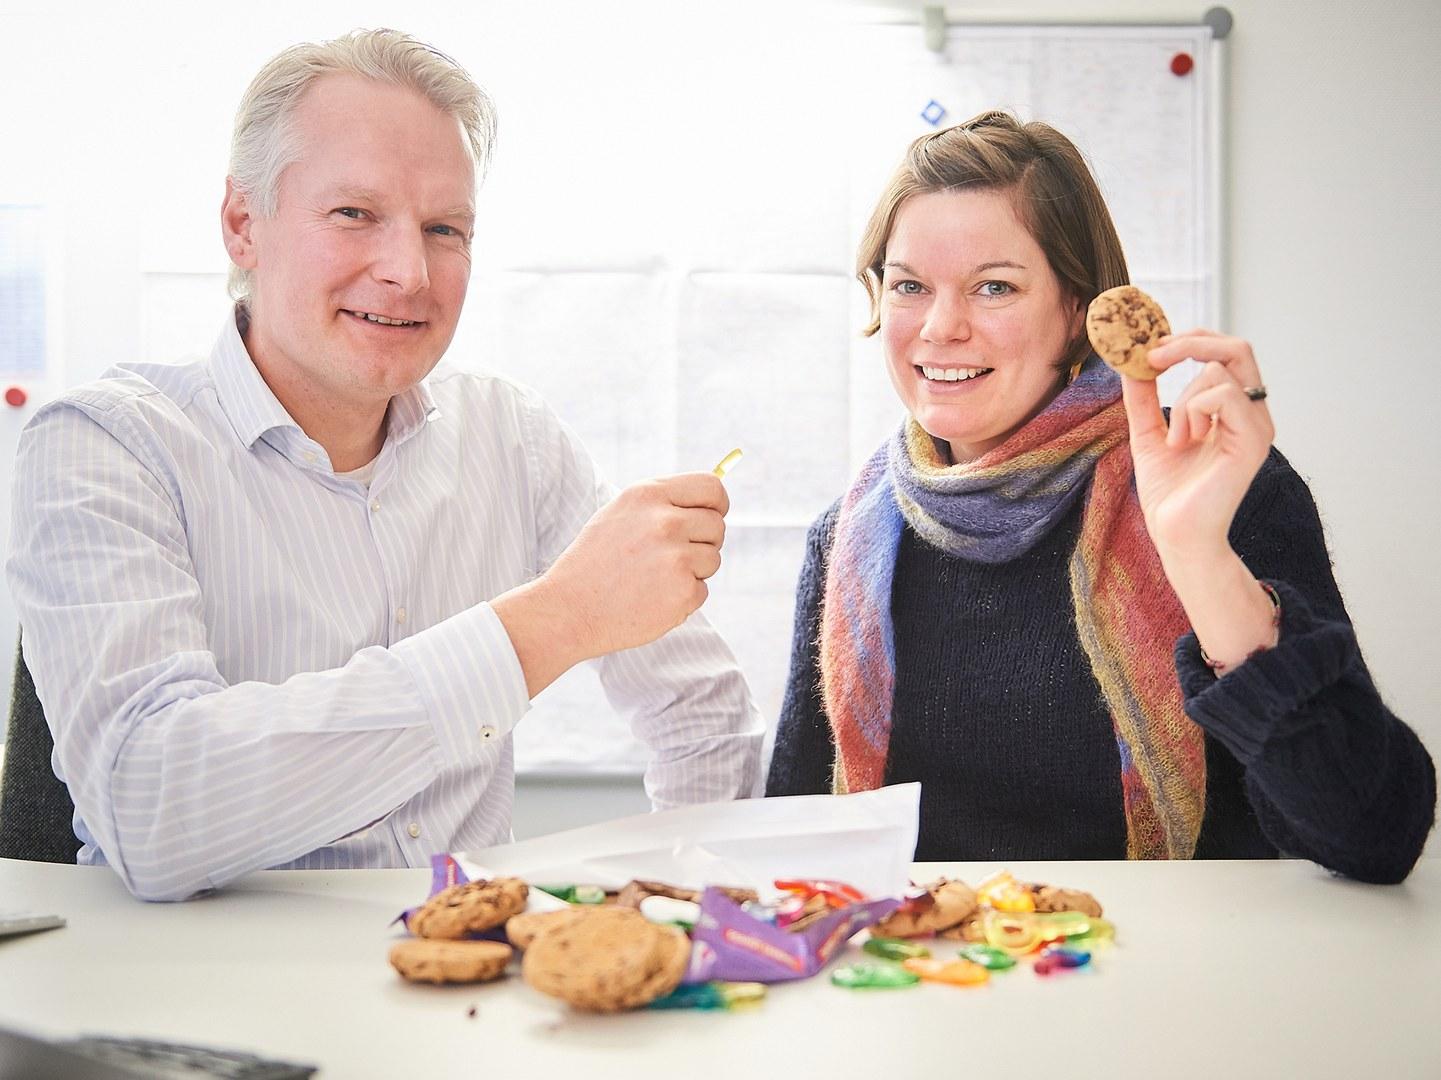 Welche Auswirkungen hat die Ernährungsweise auf das Immunsystem?